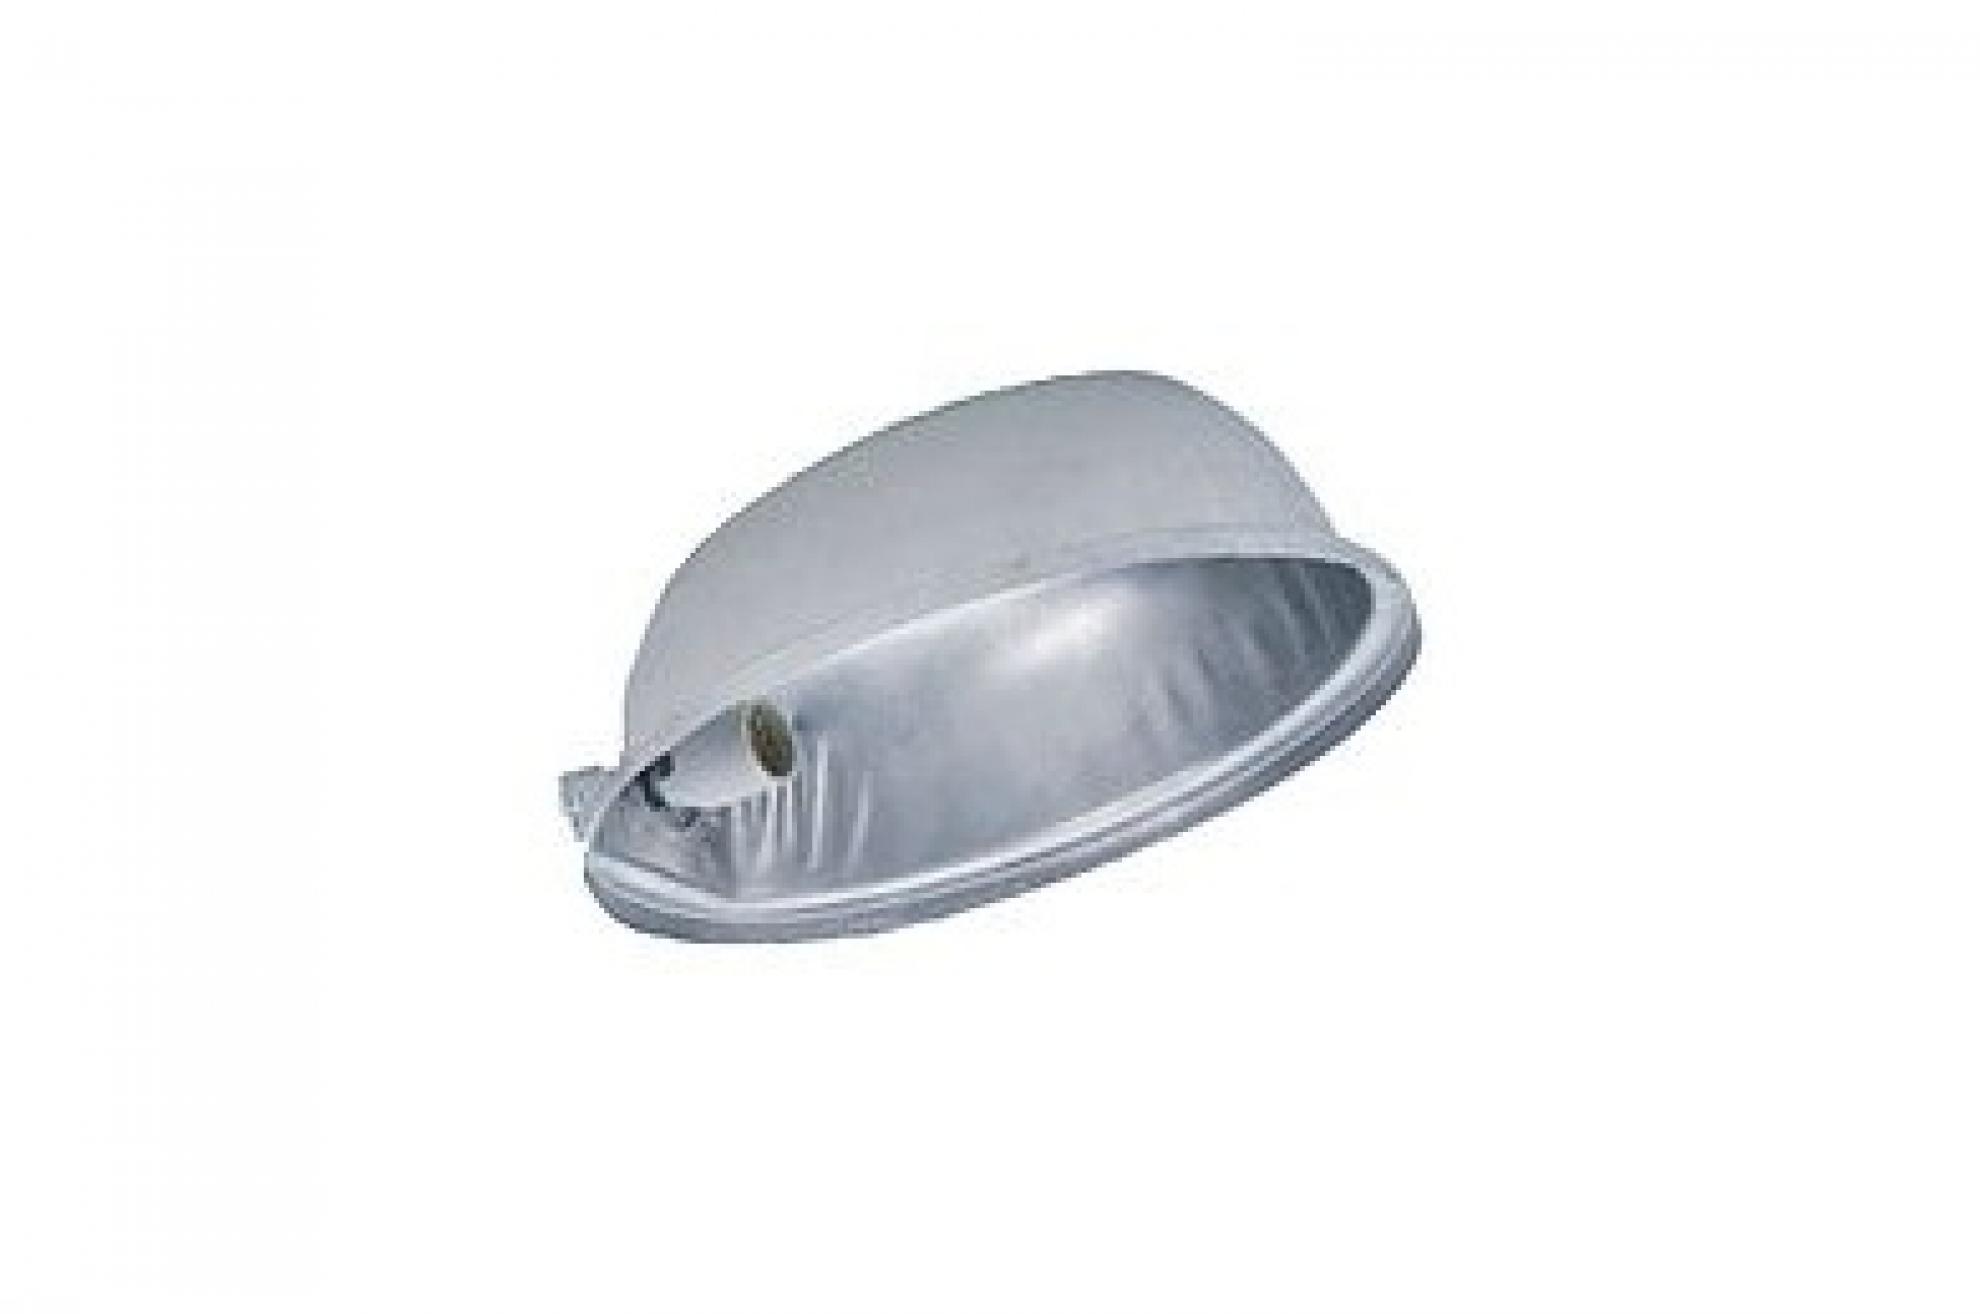 Luminaria para poste - Aberta E27